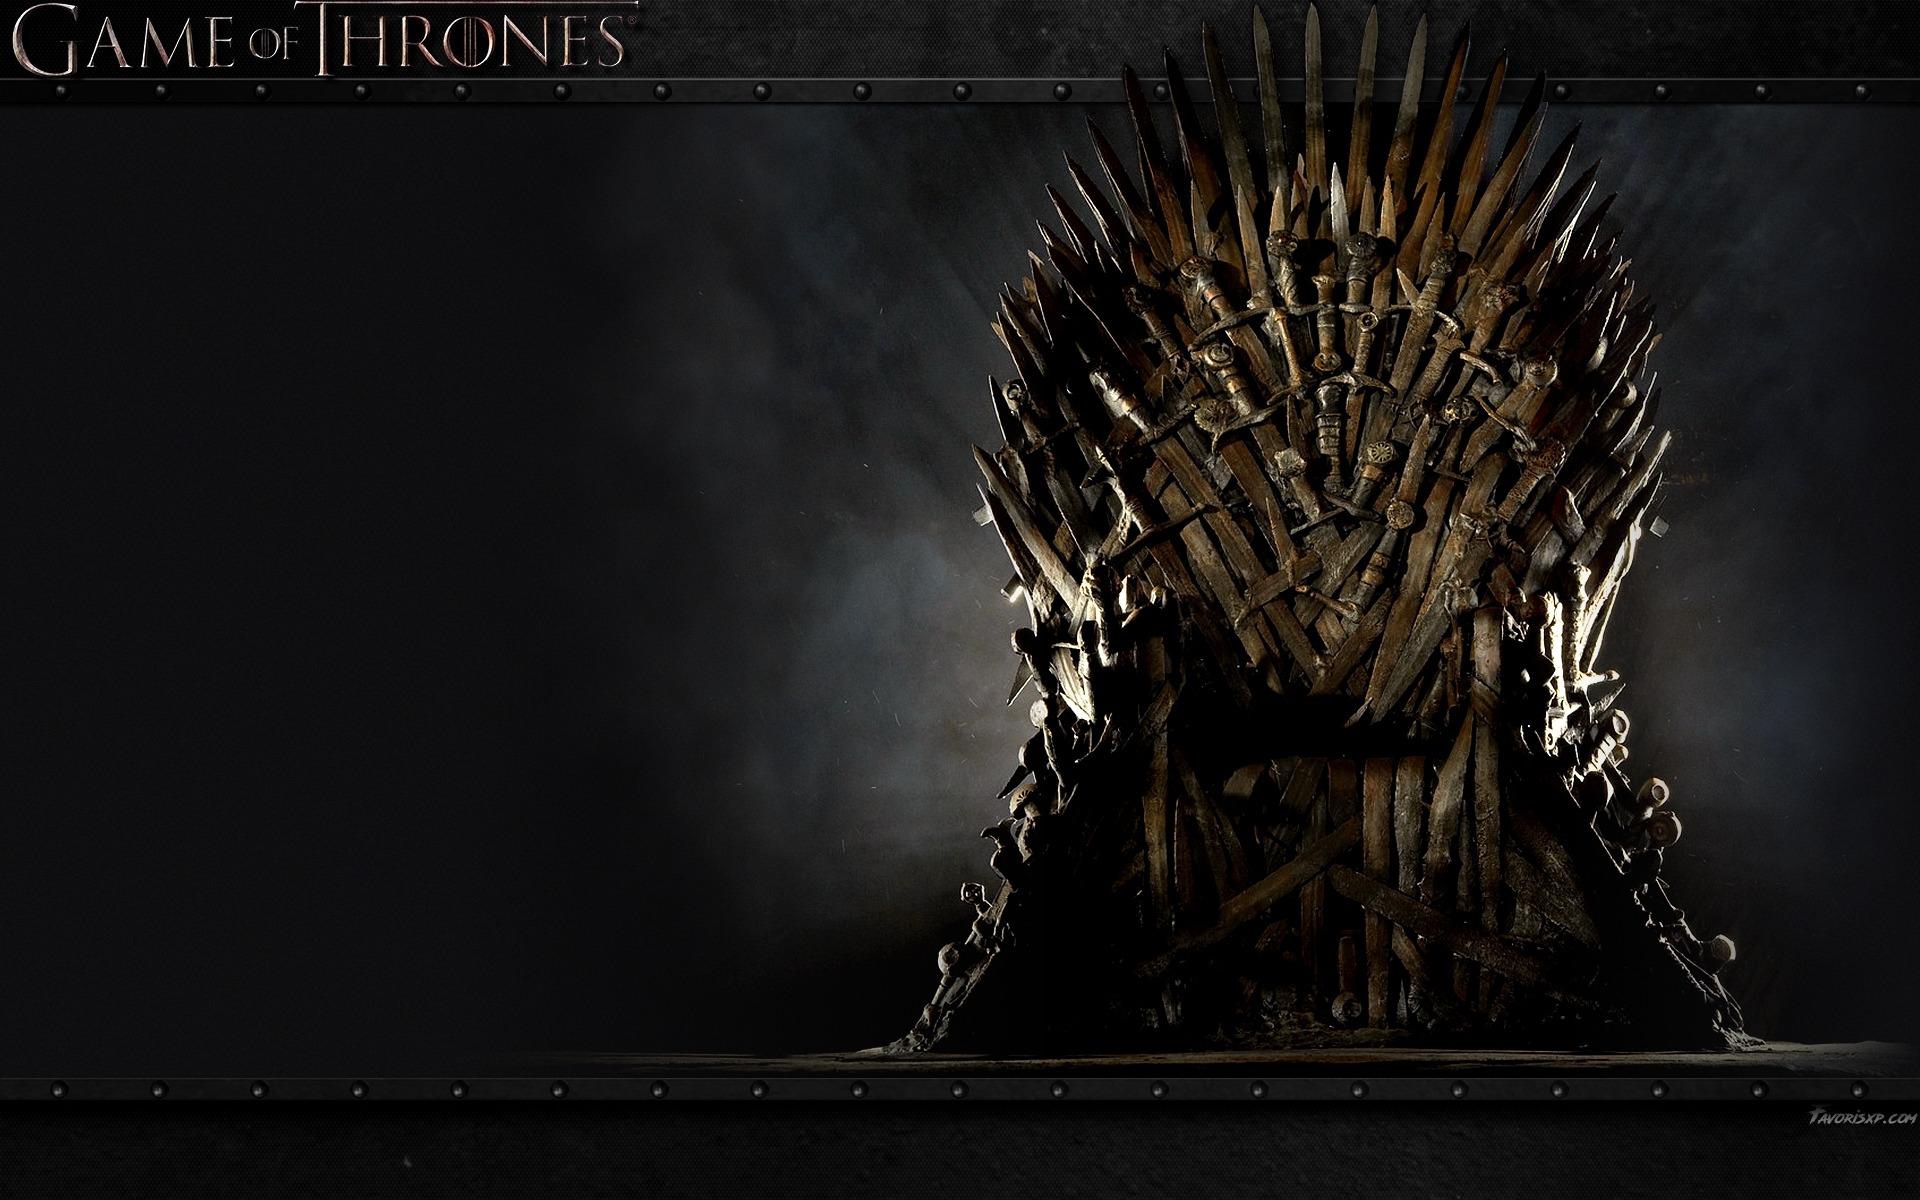 Le Trone De Fer Game Of Thrones Fonds D Ecran Image Arriere Plan Wallpaper Favorisxp